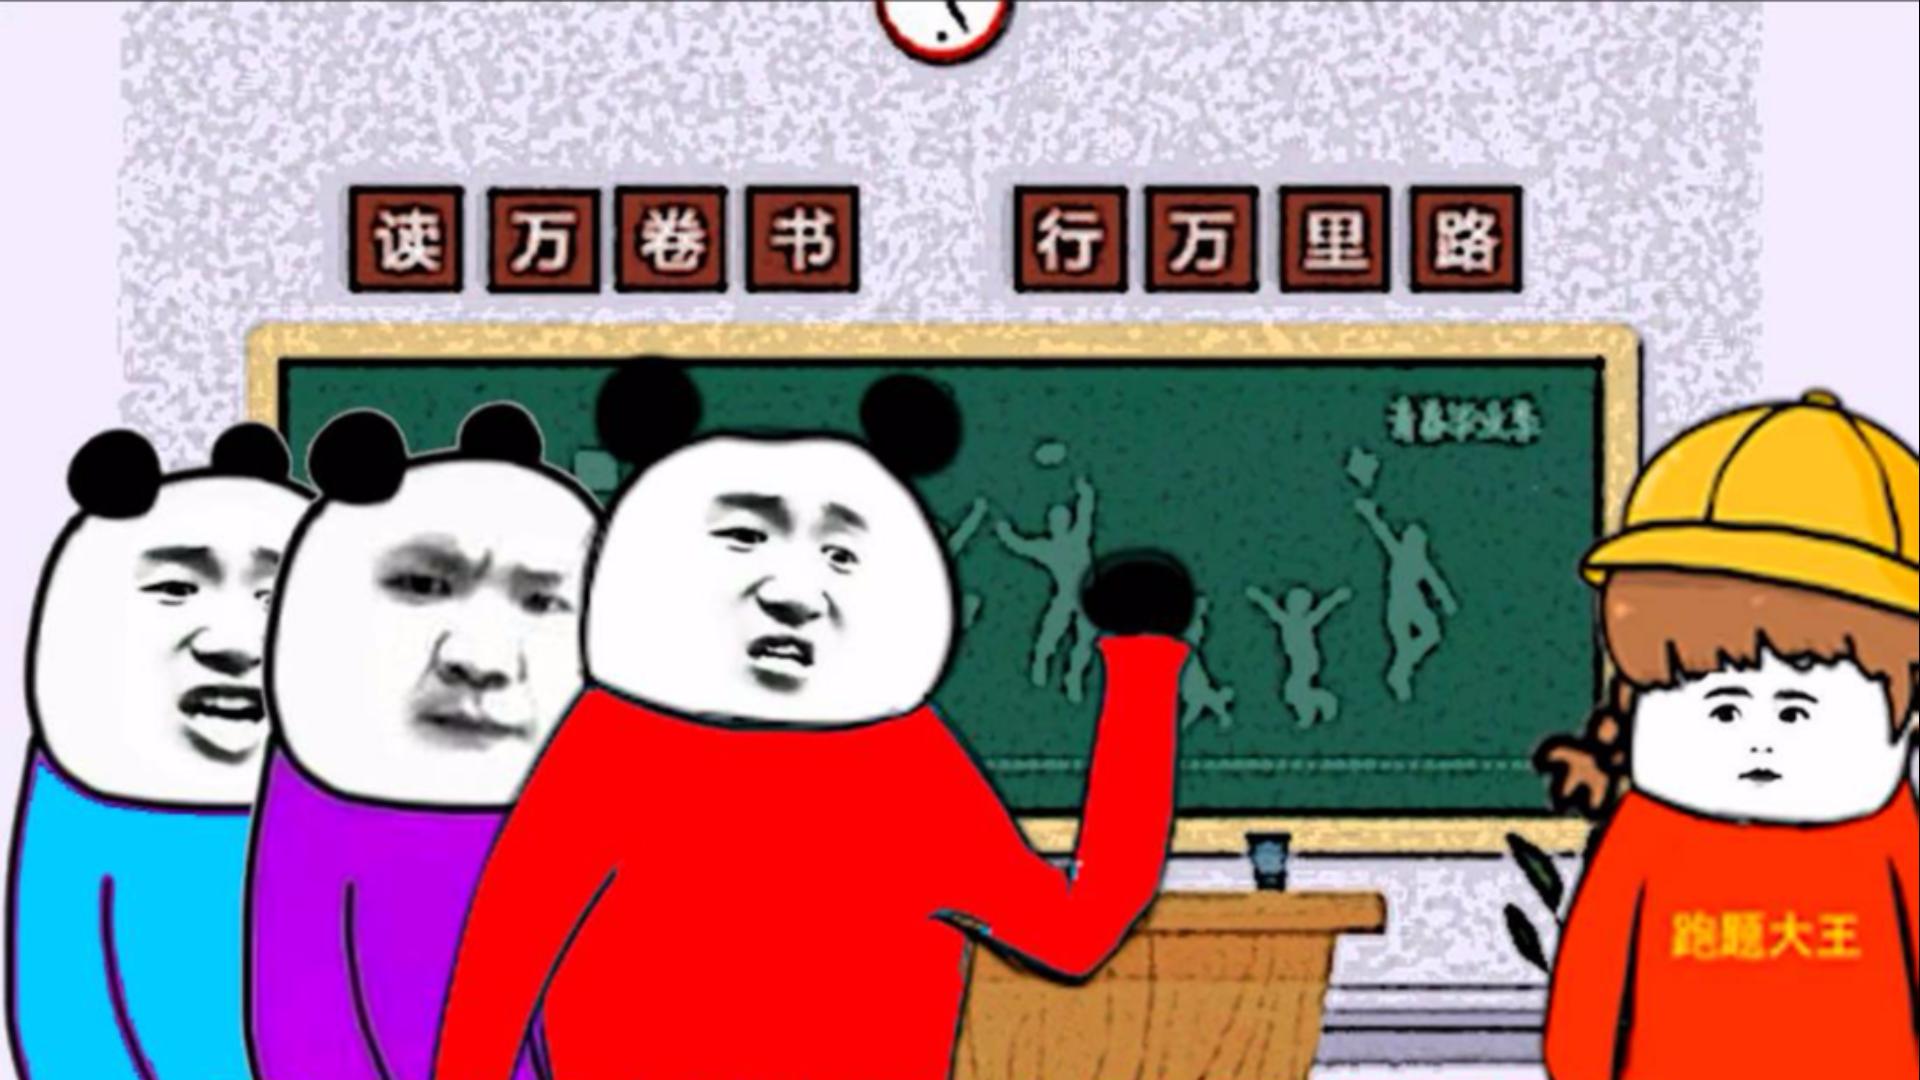 【沙雕动画】小红是个说话跑题的人